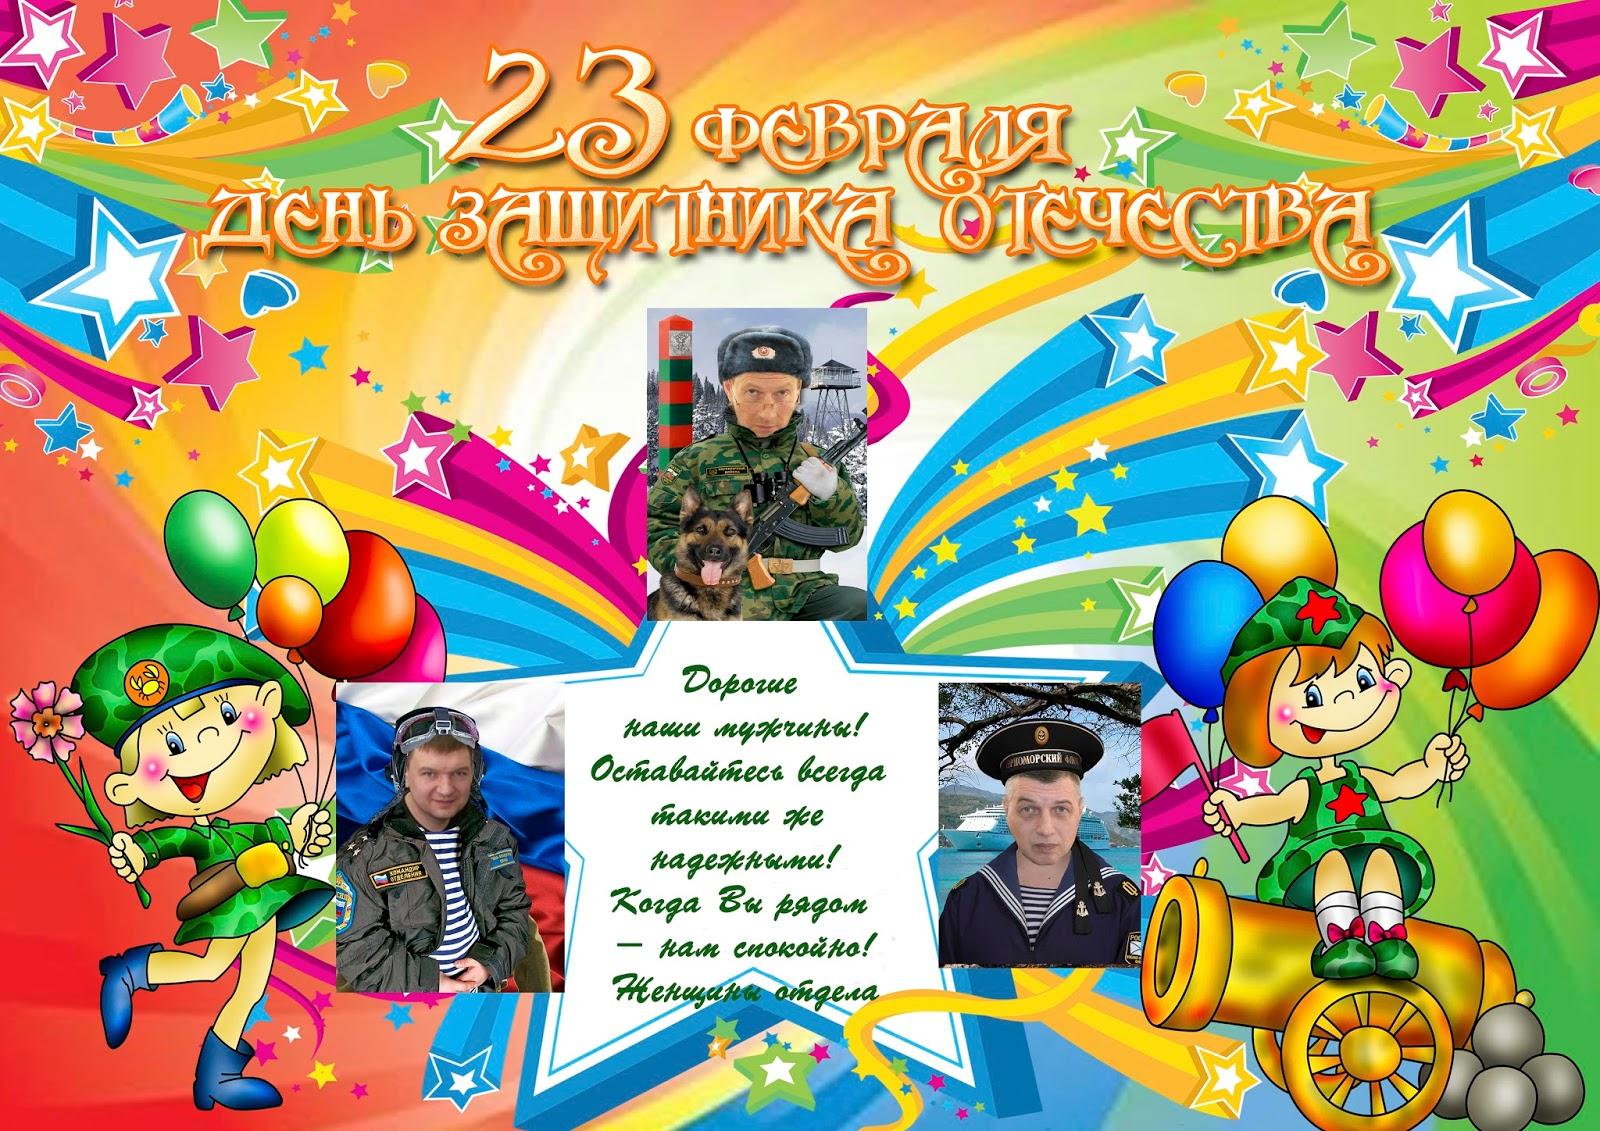 Плакат поздравление 23 февраля